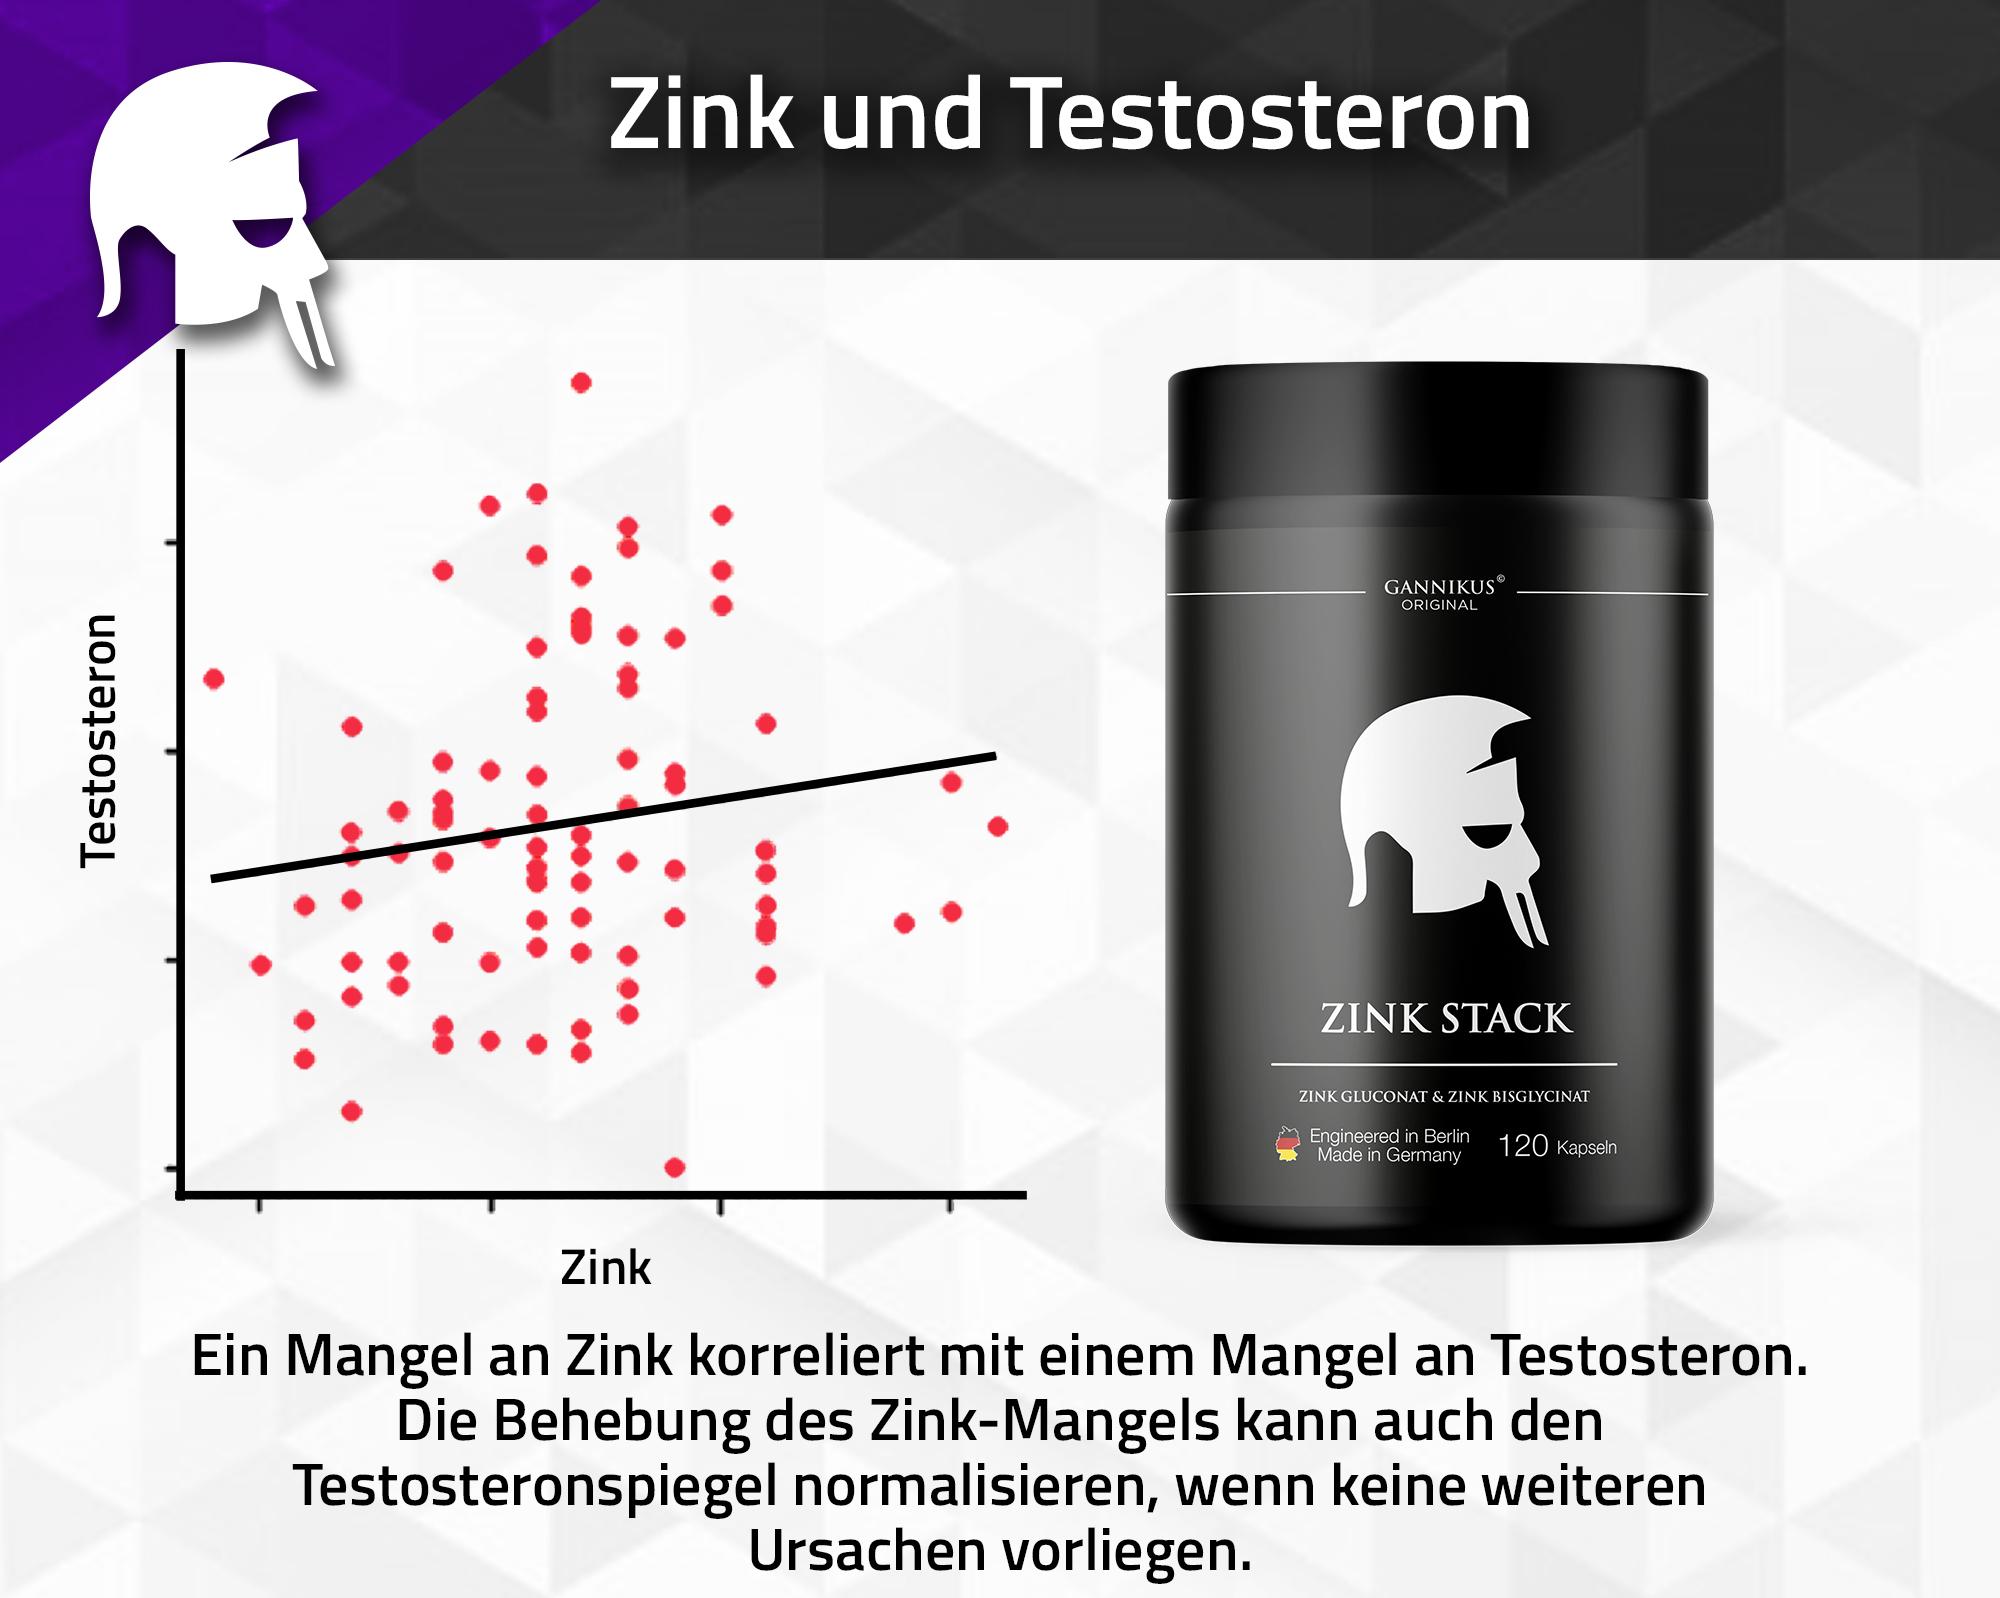 Zinkmangel Testosteron